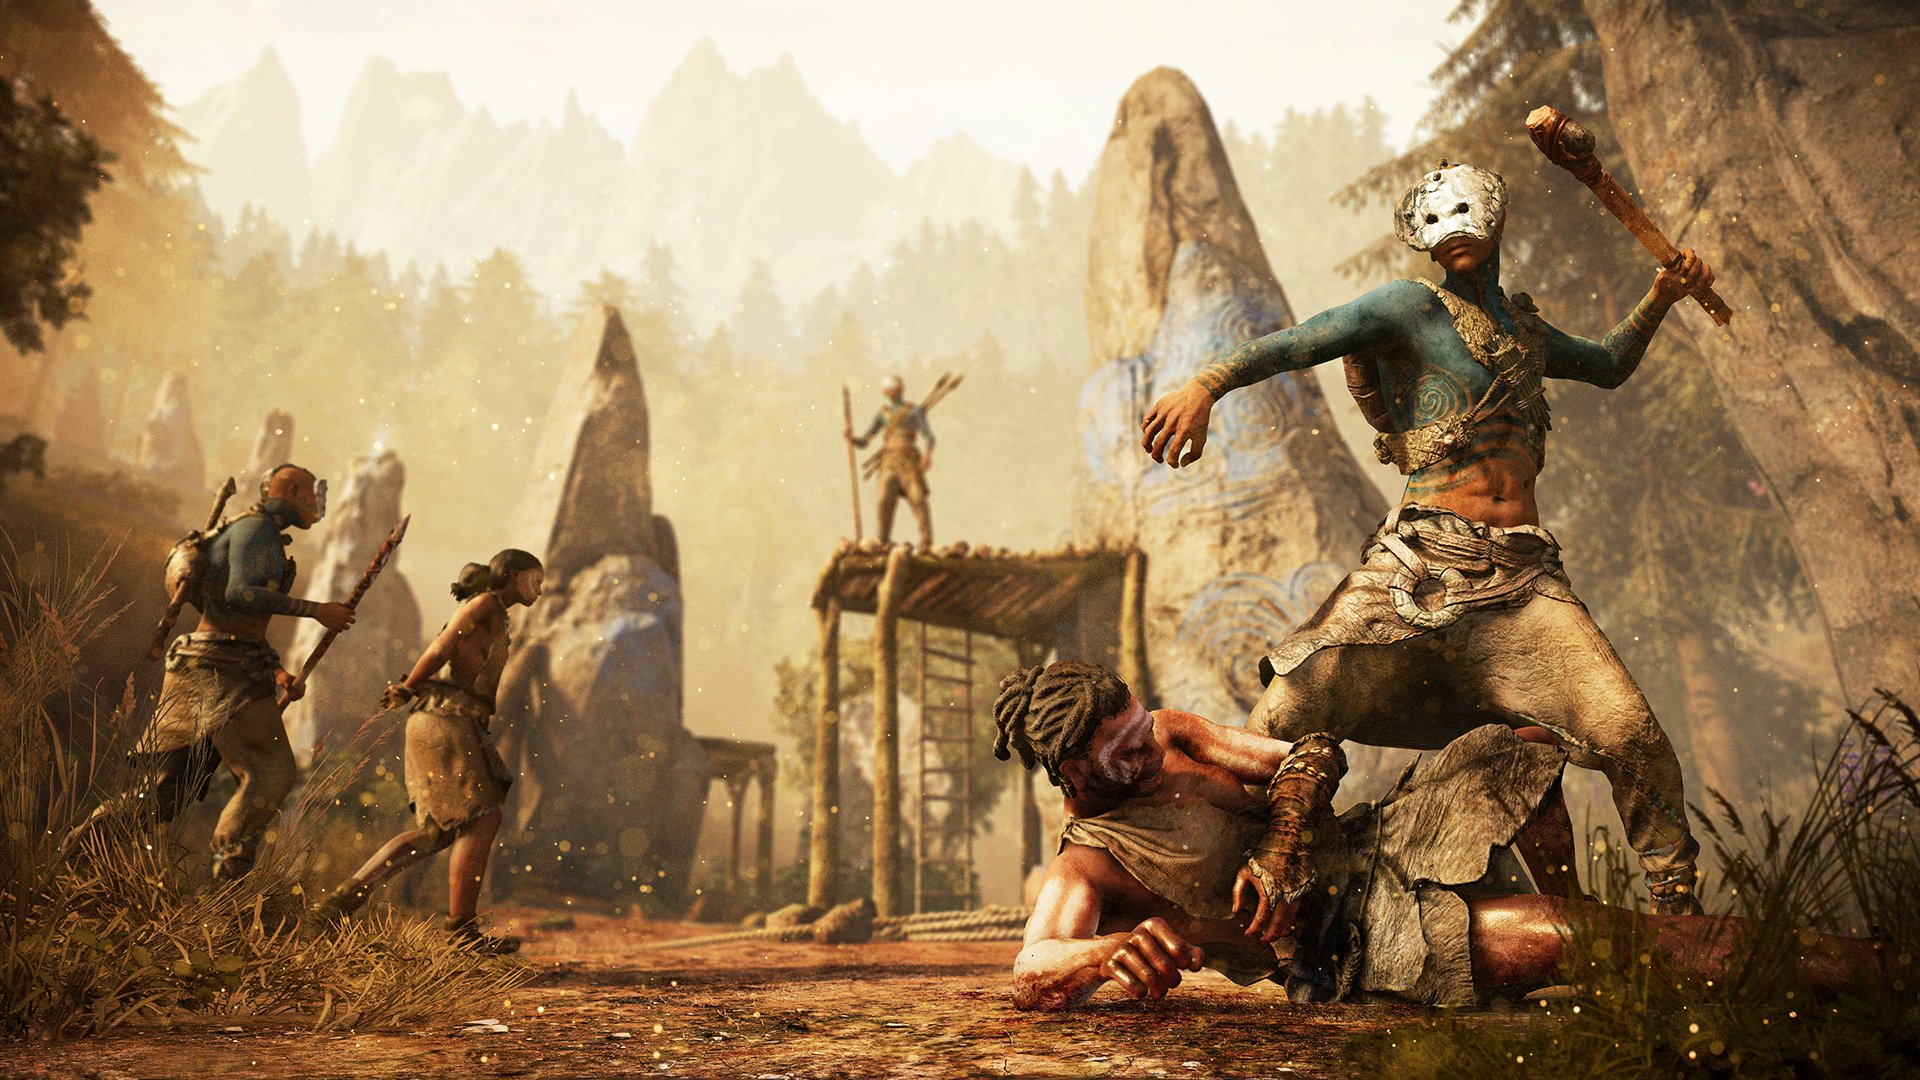 Ubisoft anticipa el anuncio de una aventura de supervivencia en un mundo prehistórico Far_cry_primal-3208158